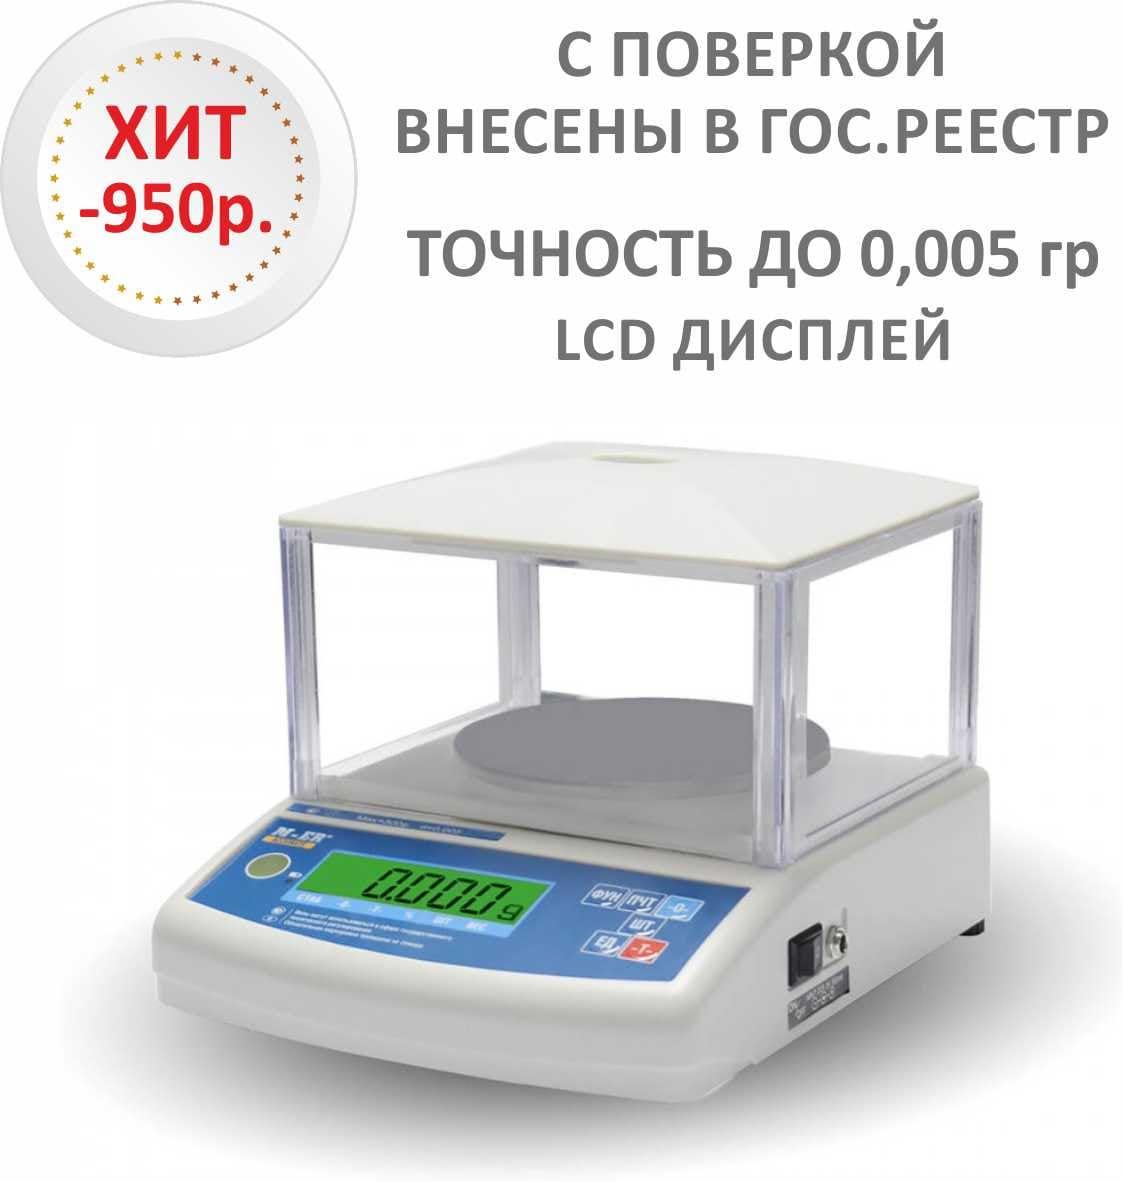 Весы лабораторные/аналитические M-ER 122 АCFJR-300.005 ACCURATE LCD - вид спереди